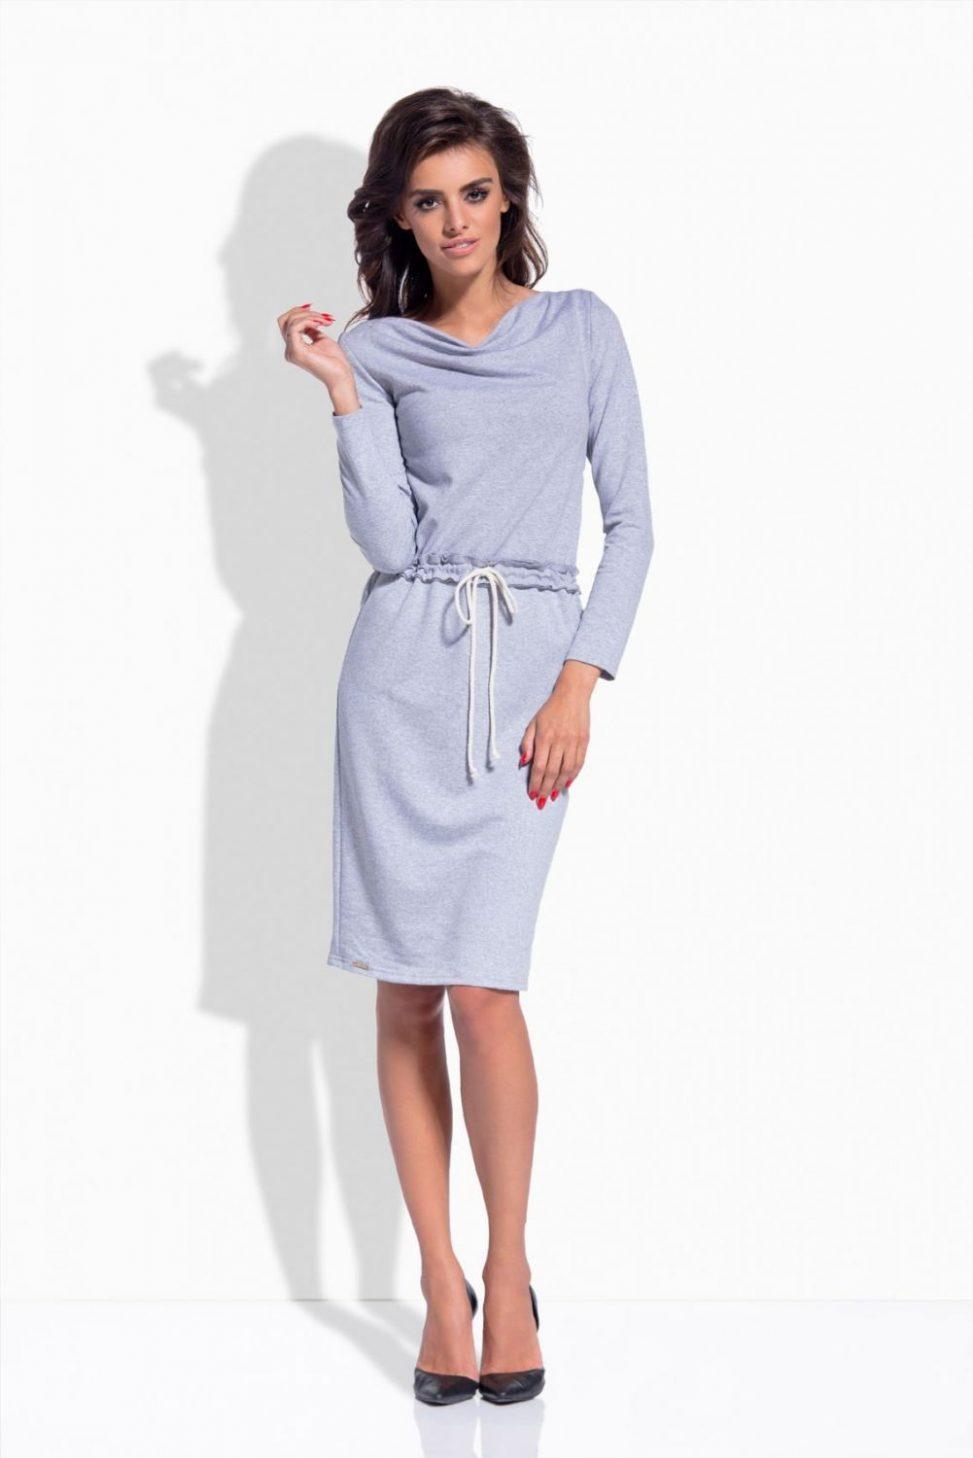 Szara sukienka dresowa z długim rękawem